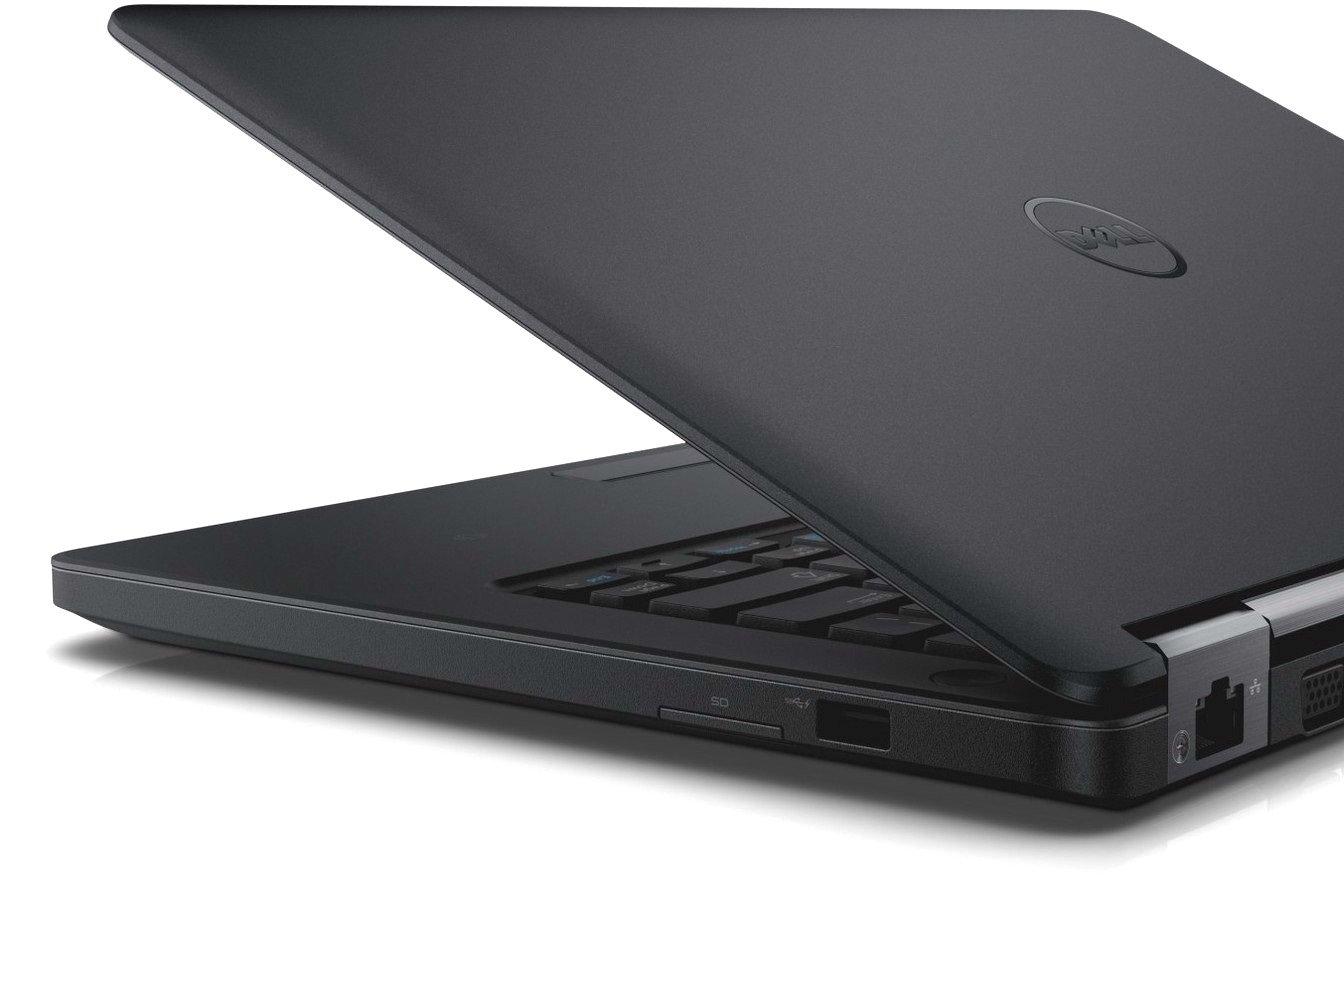 Dell Latitude E7450 I3 Full Hd Astringo